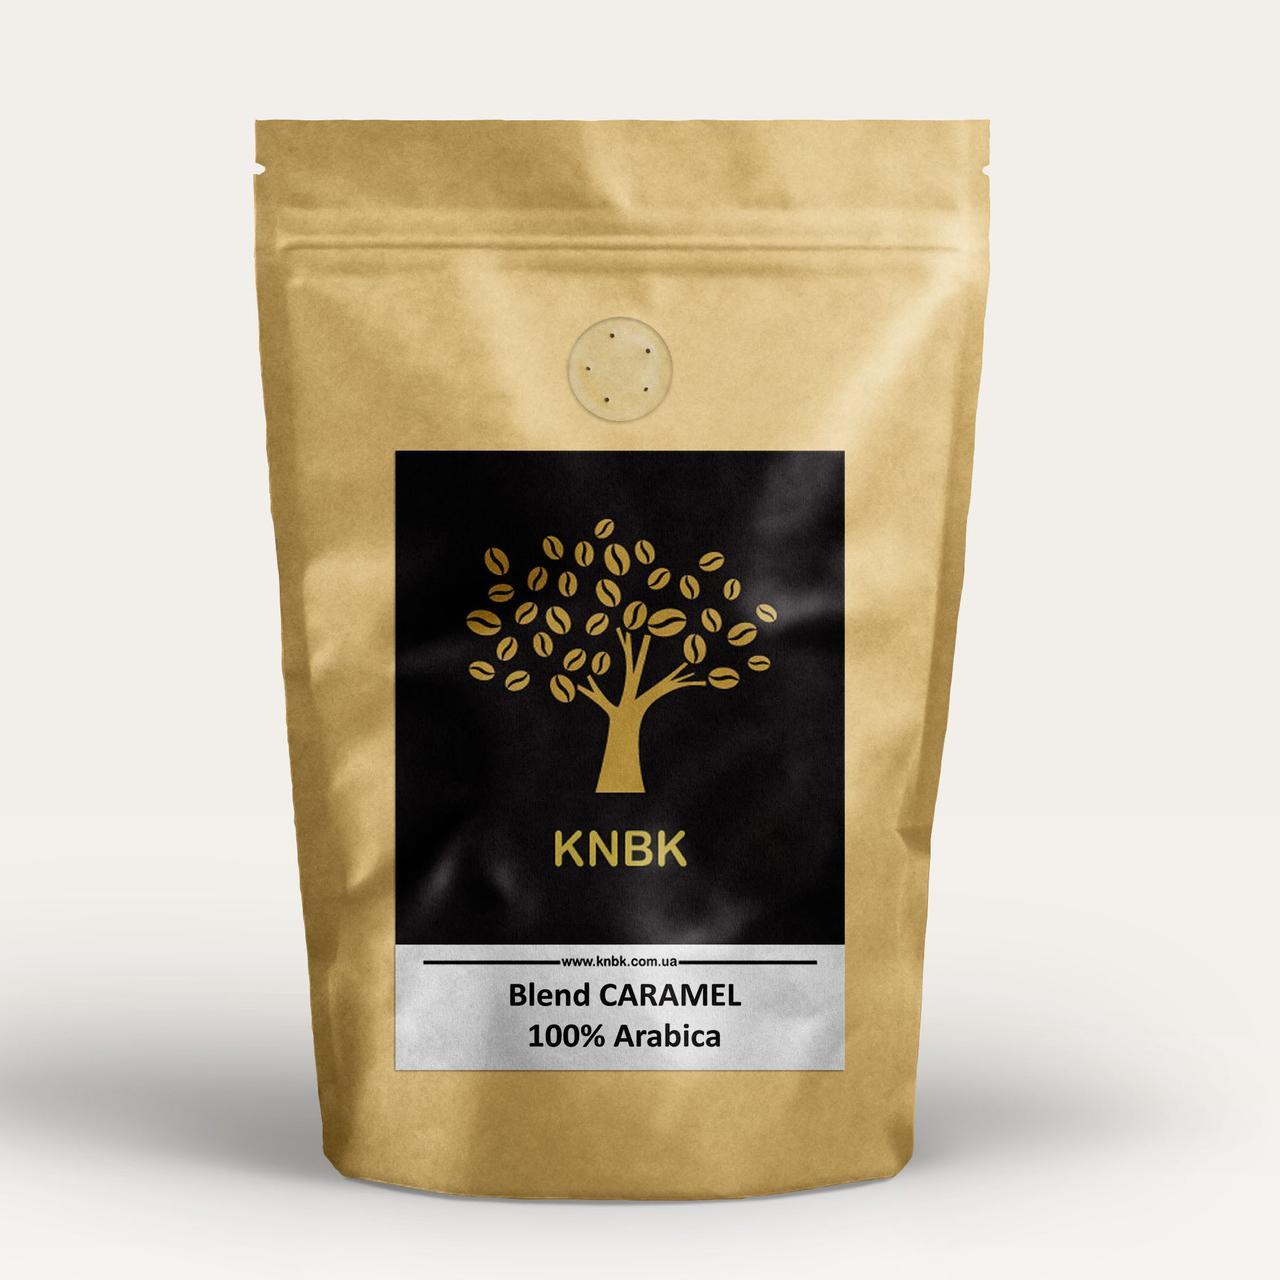 Купаж сортов KNBK CARAMEL Арабика 100% 500 г. Свежеобжаренный кофе